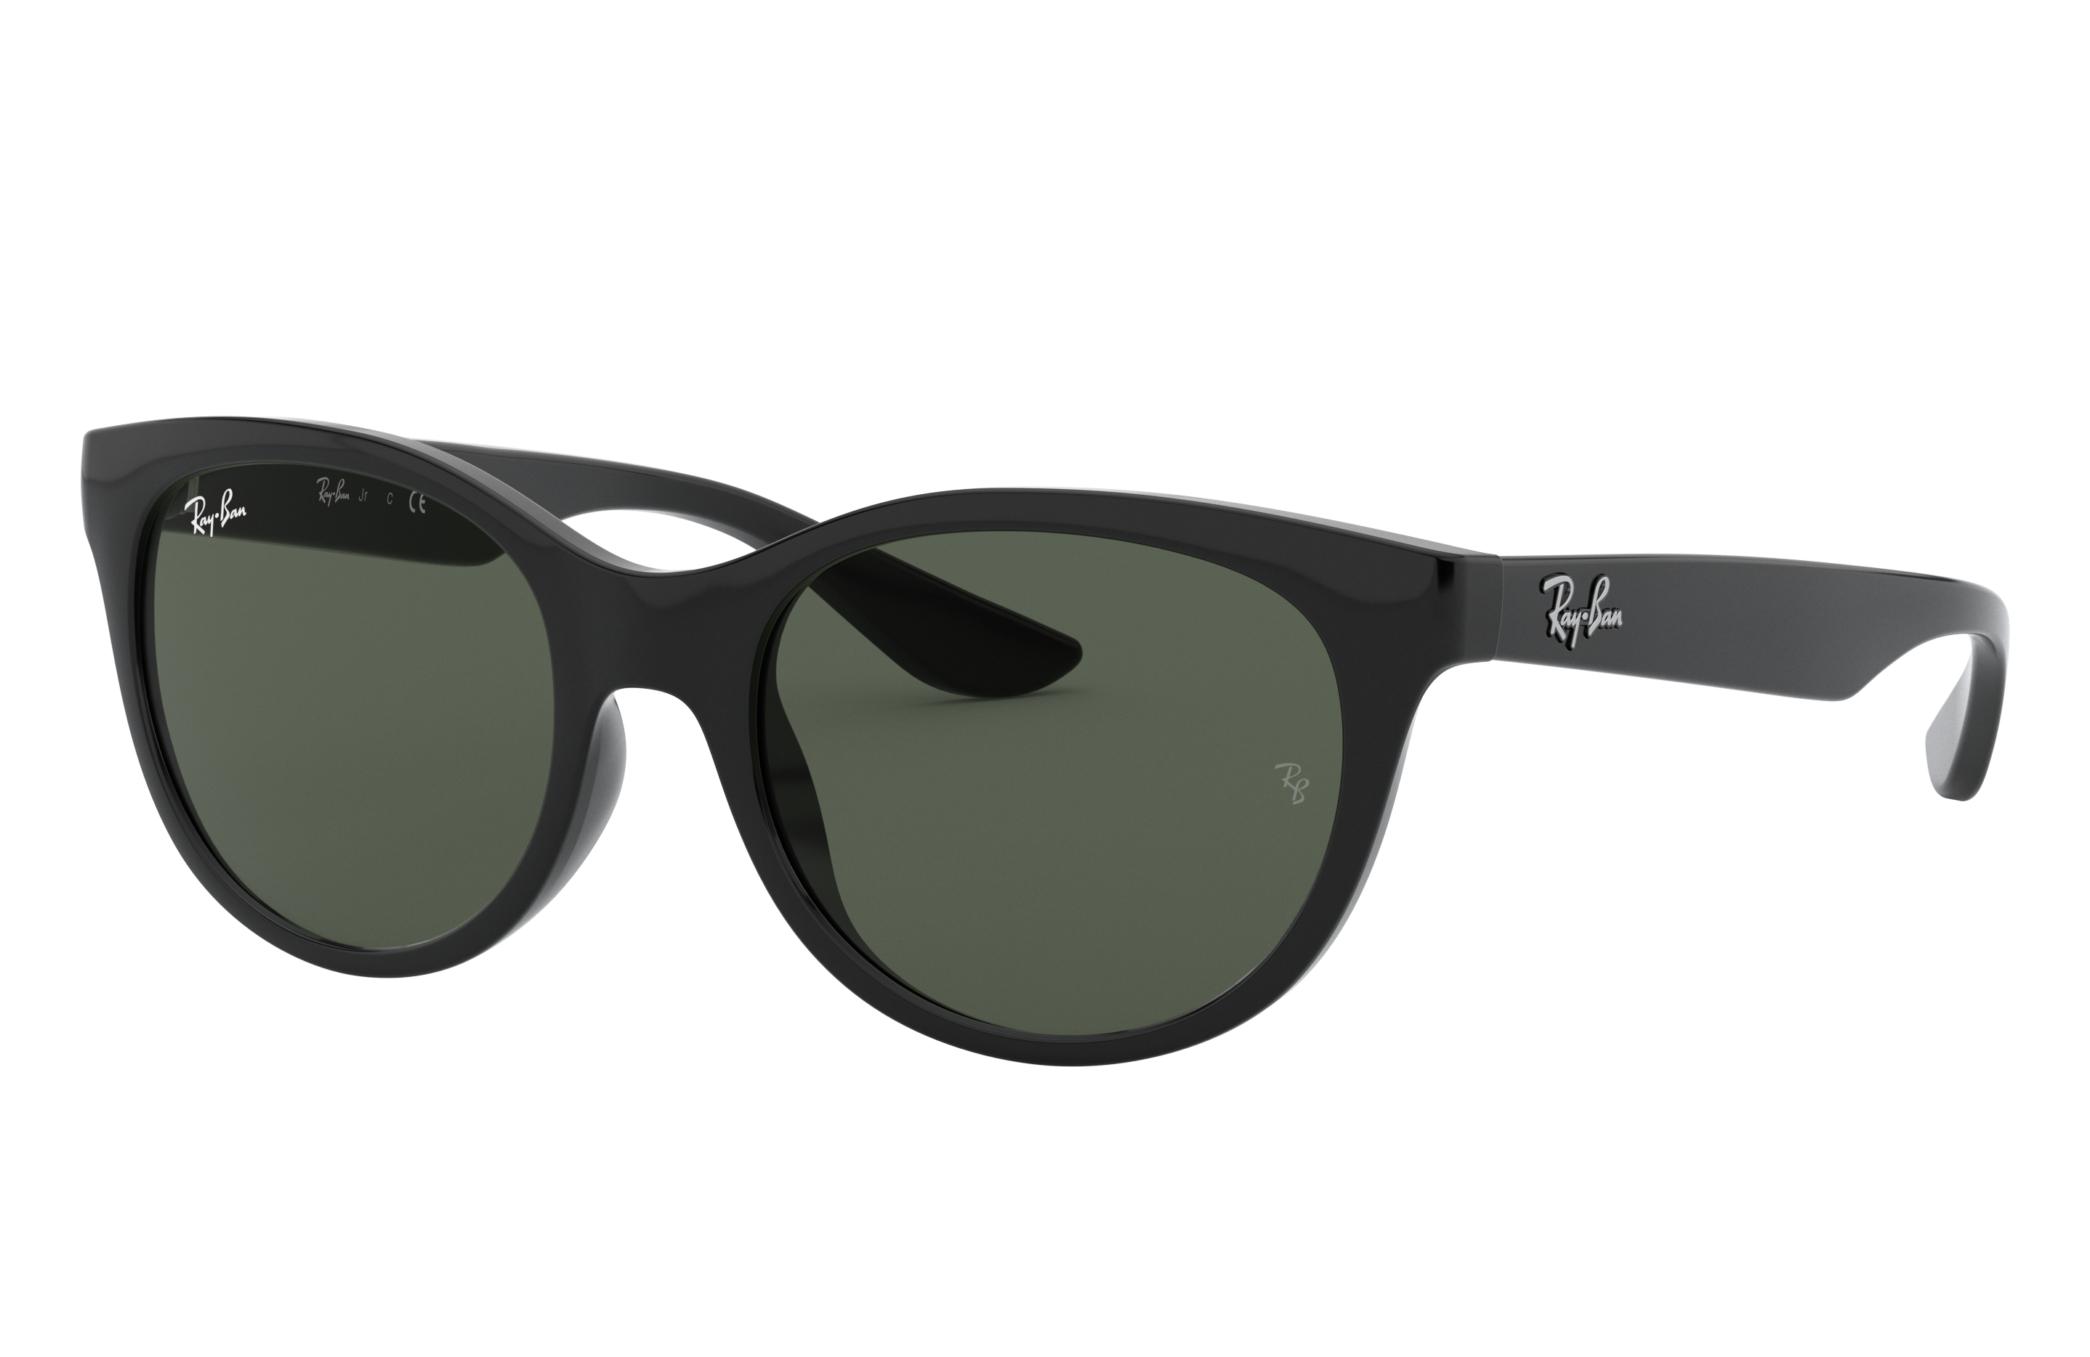 Ray-Ban Rj9068s Black, Green Lenses - RJ9068S